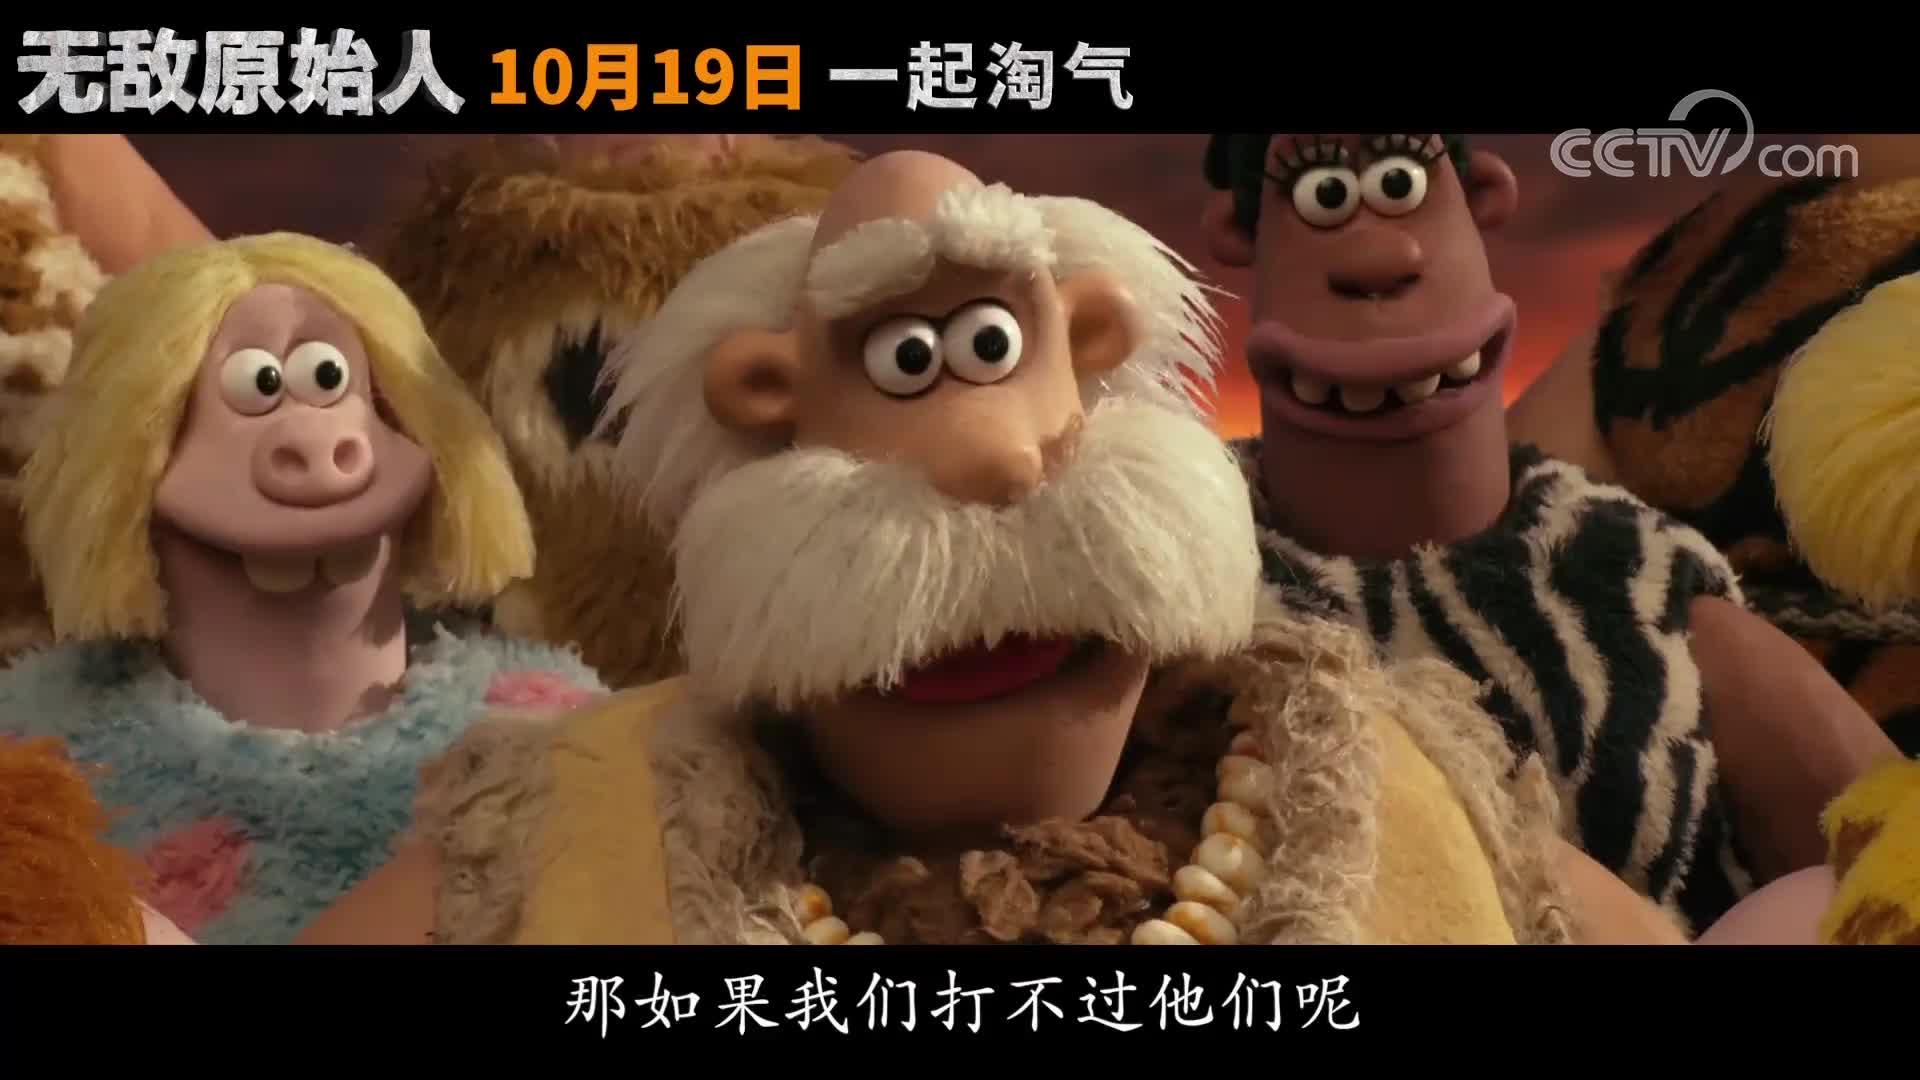 [视频]电影《无敌原始人》定档10月19日 奥斯卡班底打造精品定格动画